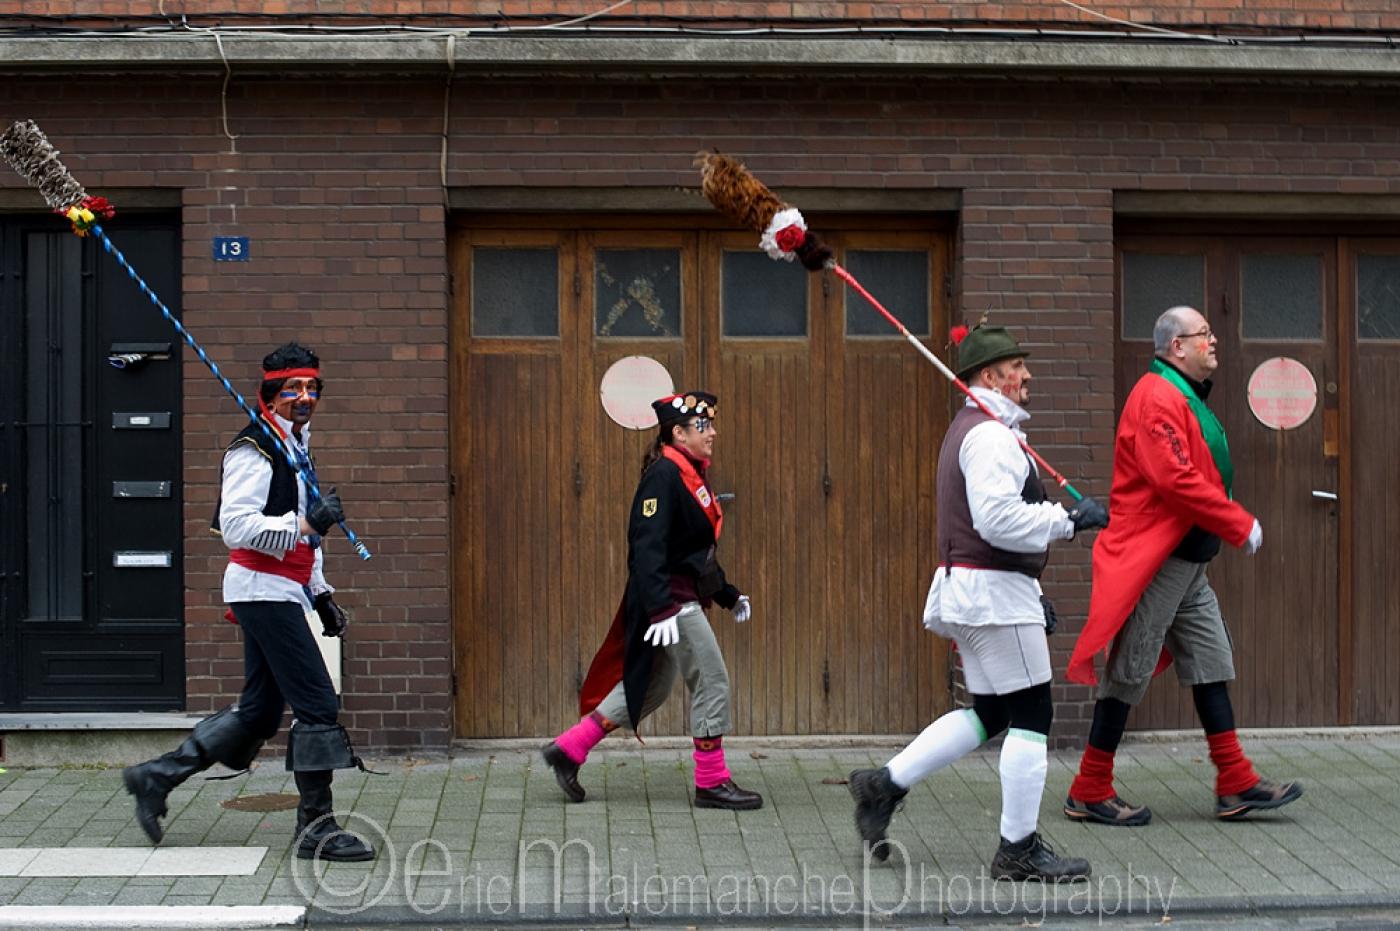 http://www.ericmalemanche.com/imagess/topics/carnaval-de-dunkerque/liste/Carnaval-Dunkerque-0190.jpg